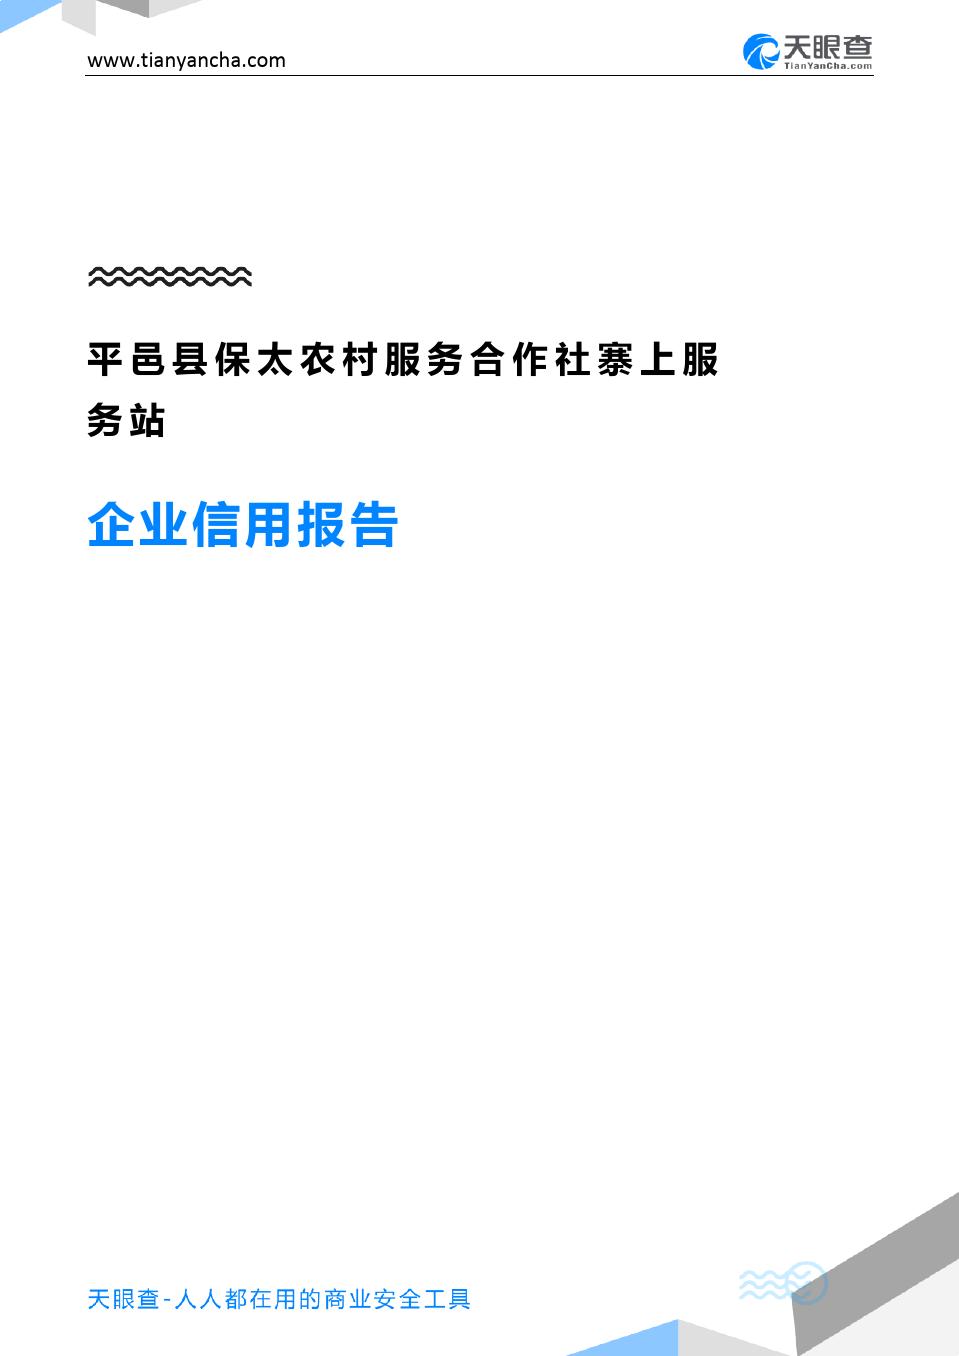 平邑县保太农村服务合作社寨上服务站企业信用报告-天眼查